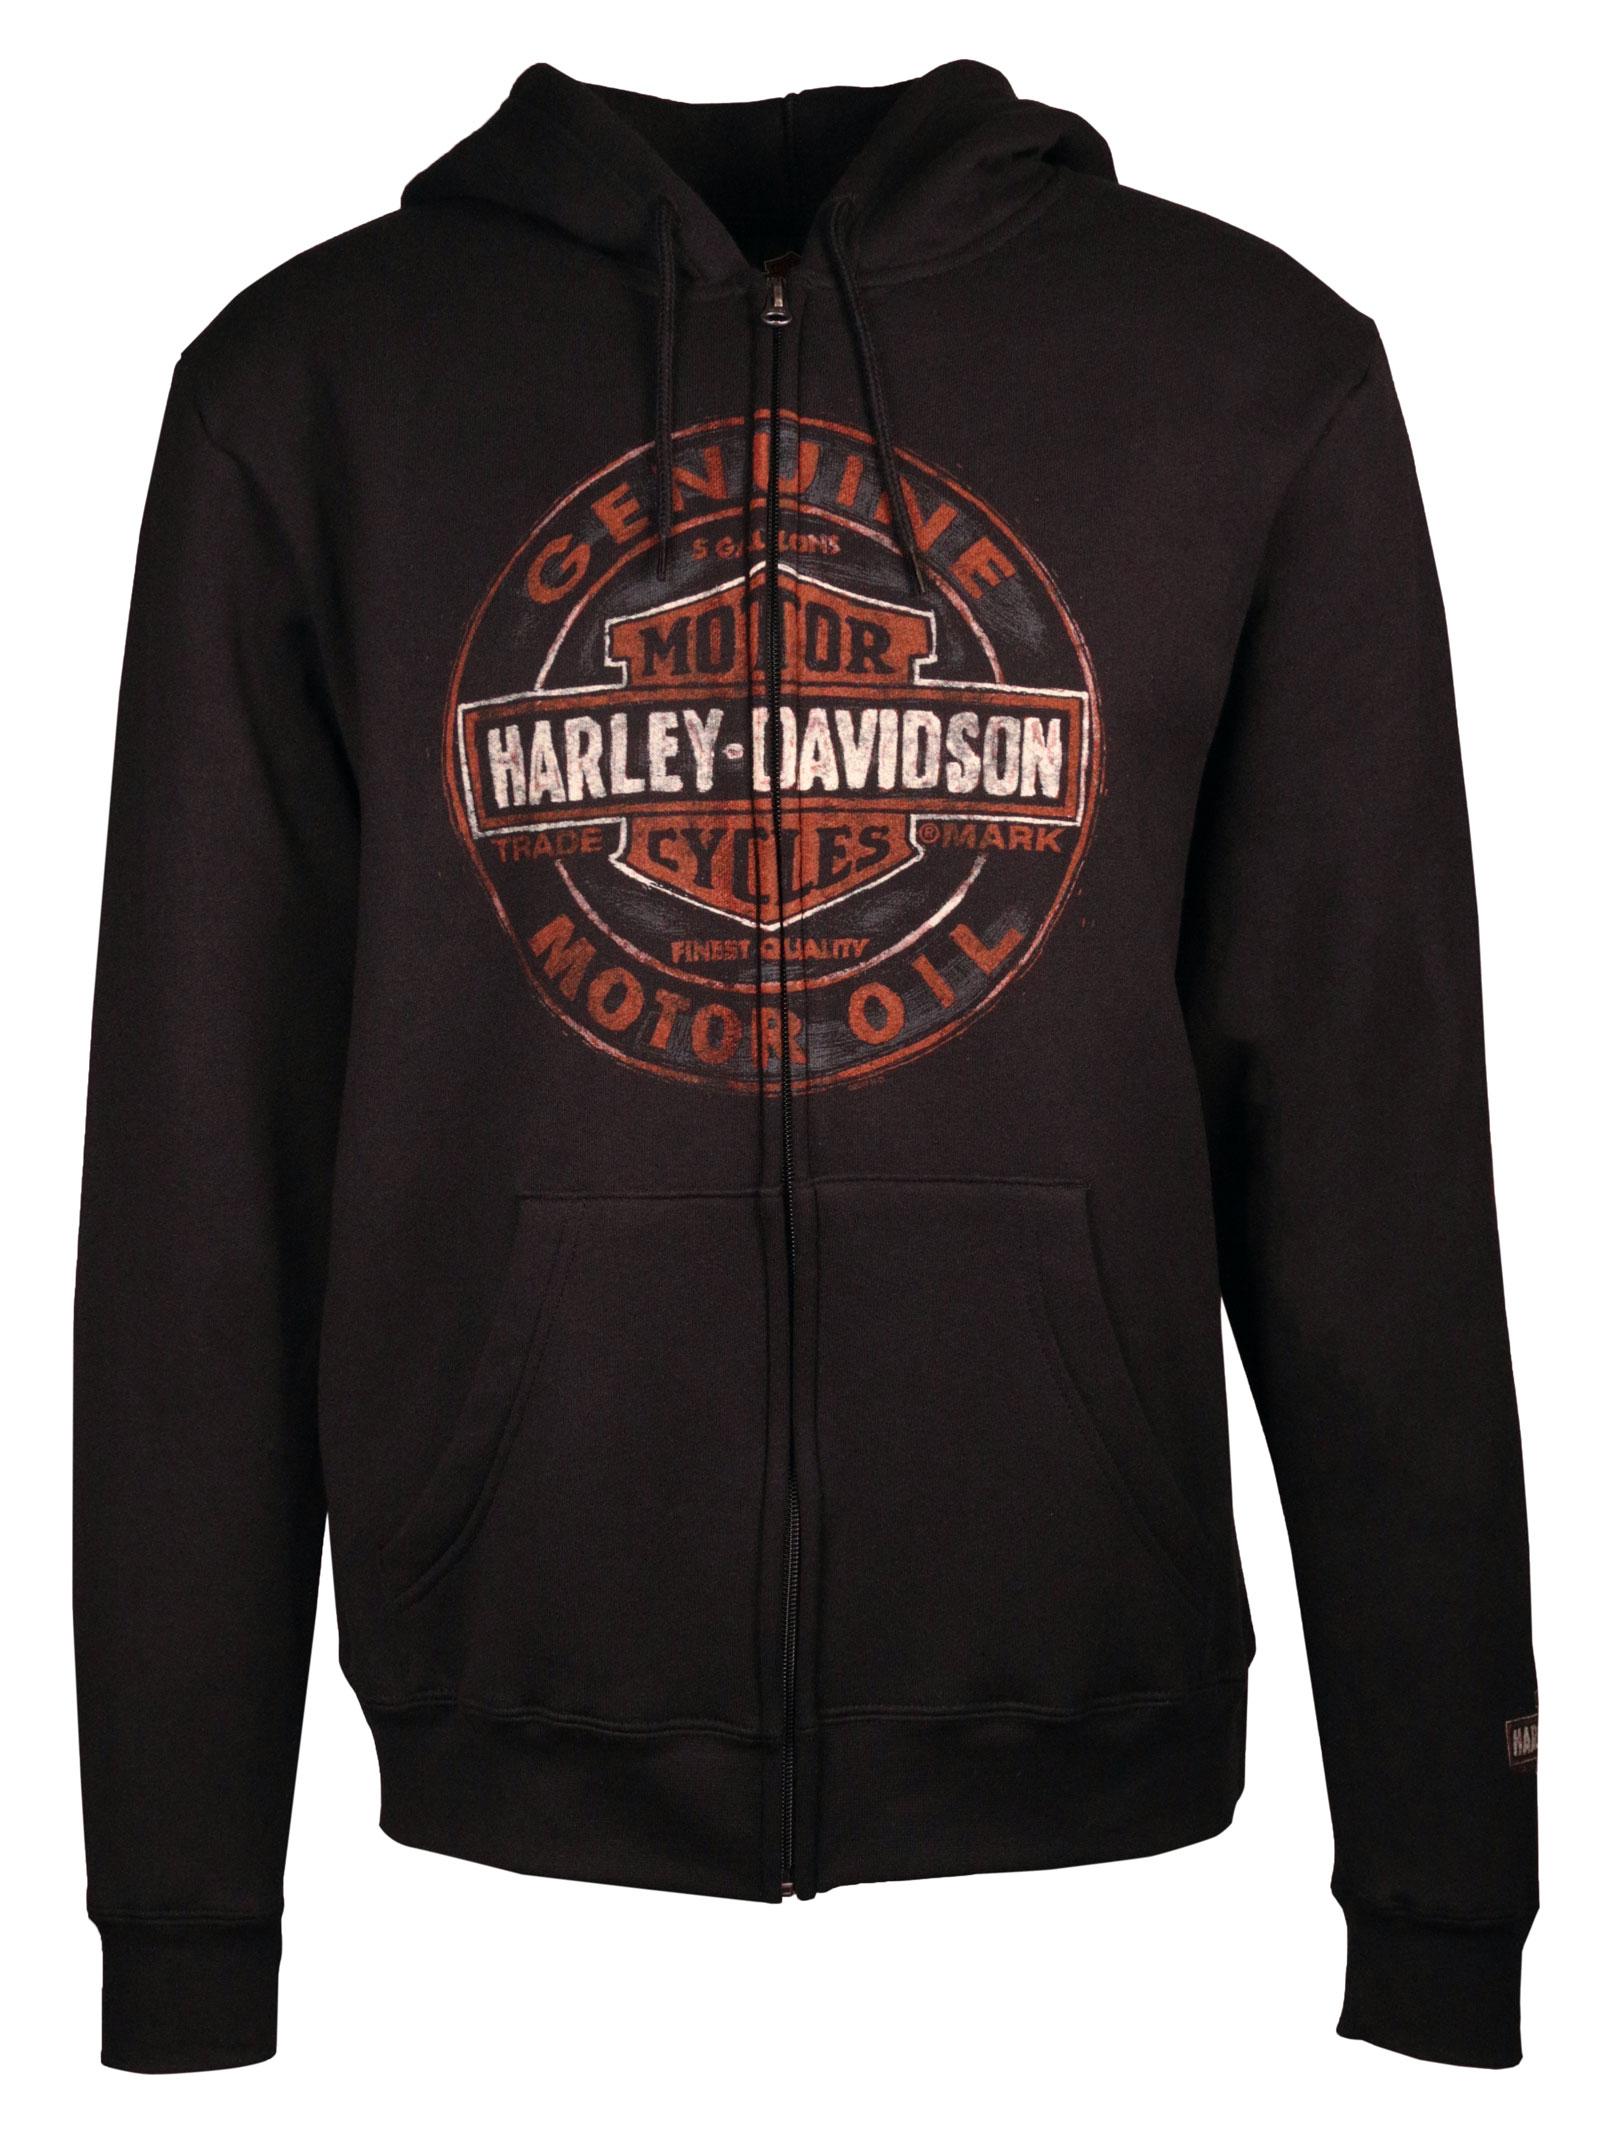 Harley hoodies